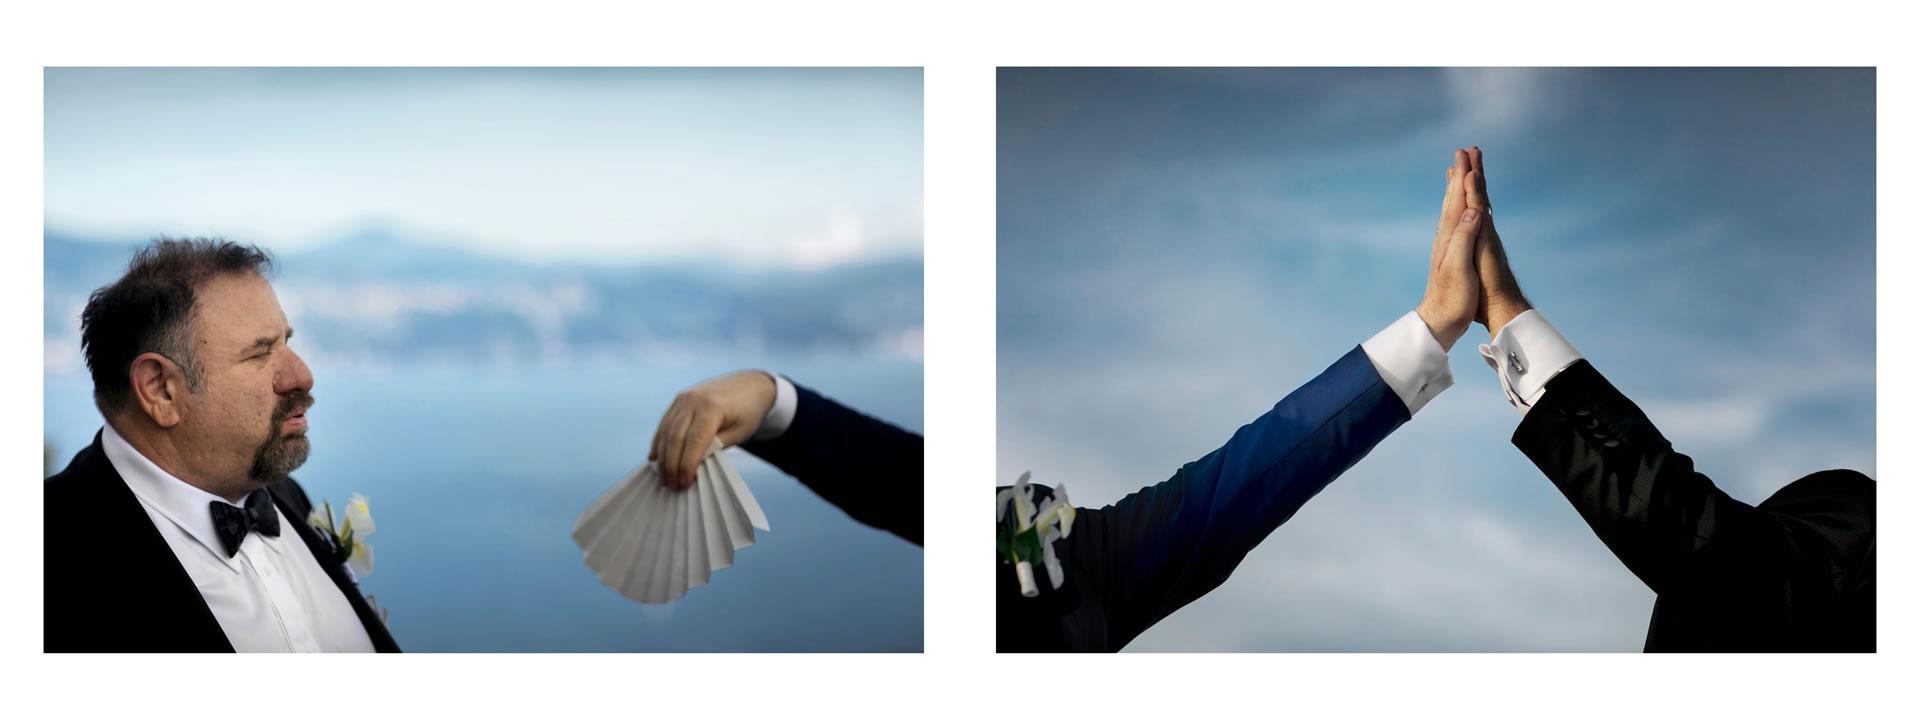 same-sex-love-in-portofino-david-bastianoni-photographer-00023 - 23 :: Wedding in Portofino // WPPI 2018 // The man that I love :: Luxury wedding photography - 22 :: same-sex-love-in-portofino-david-bastianoni-photographer-00023 - 23